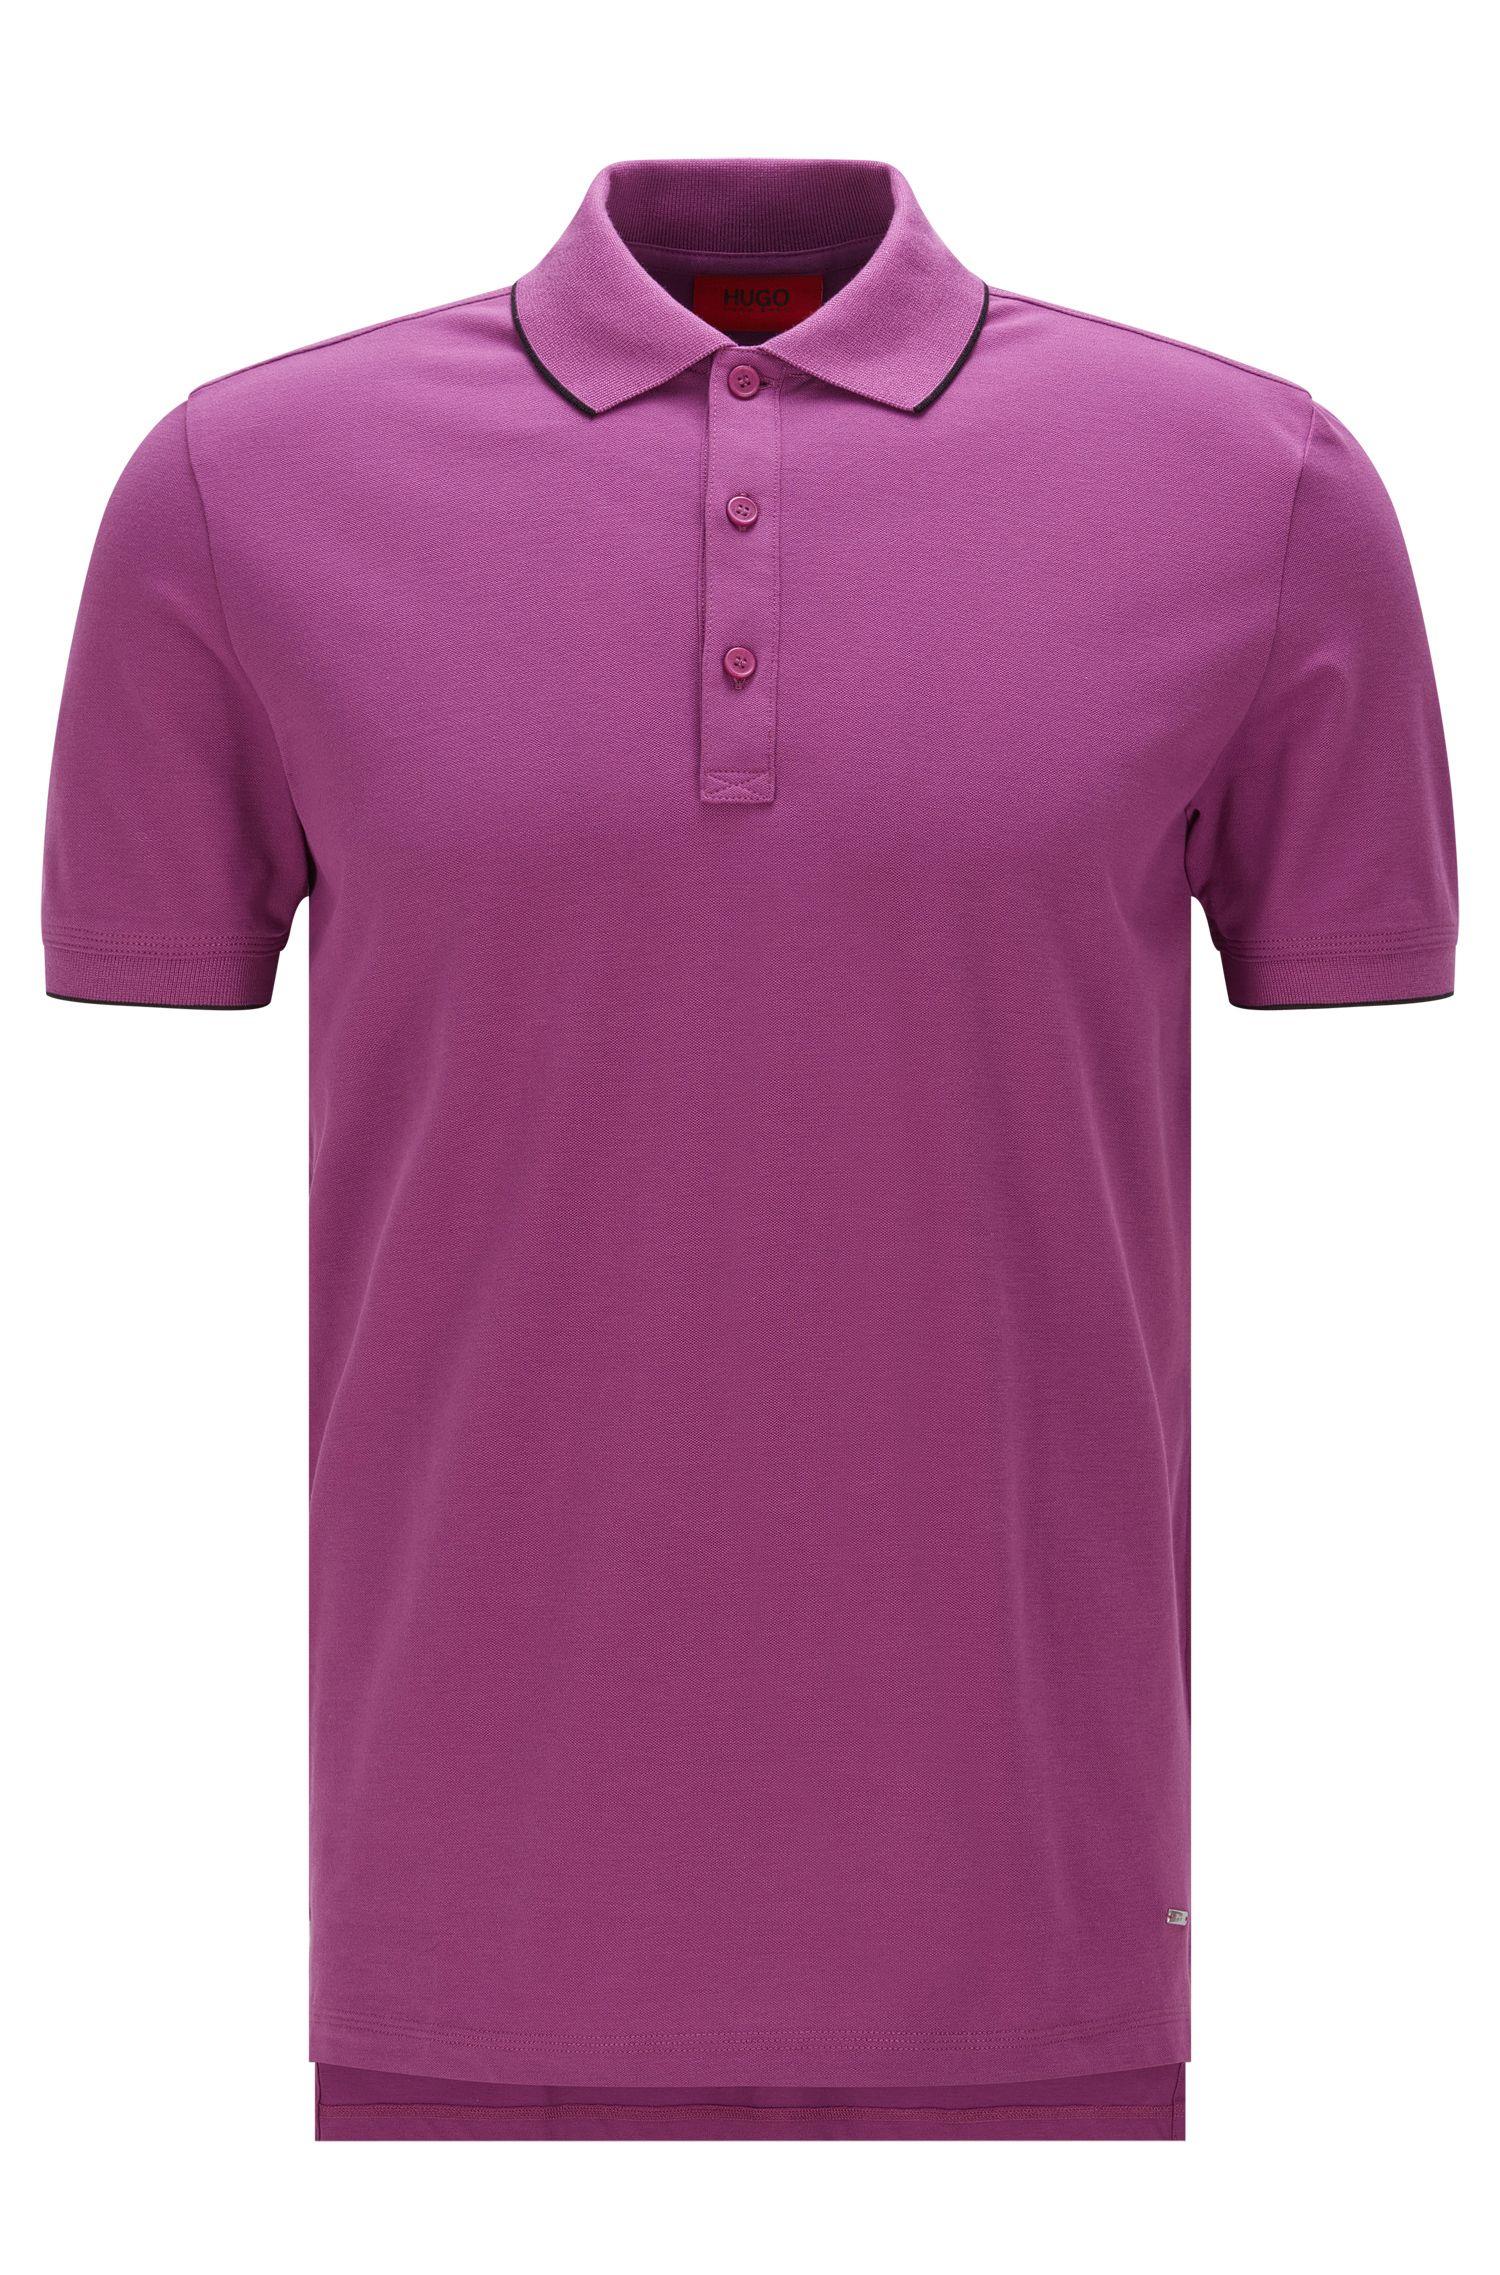 Slim-Fit Poloshirt aus Stretch-Baumwolle mit Kontrast-Streifen: 'Delorian'